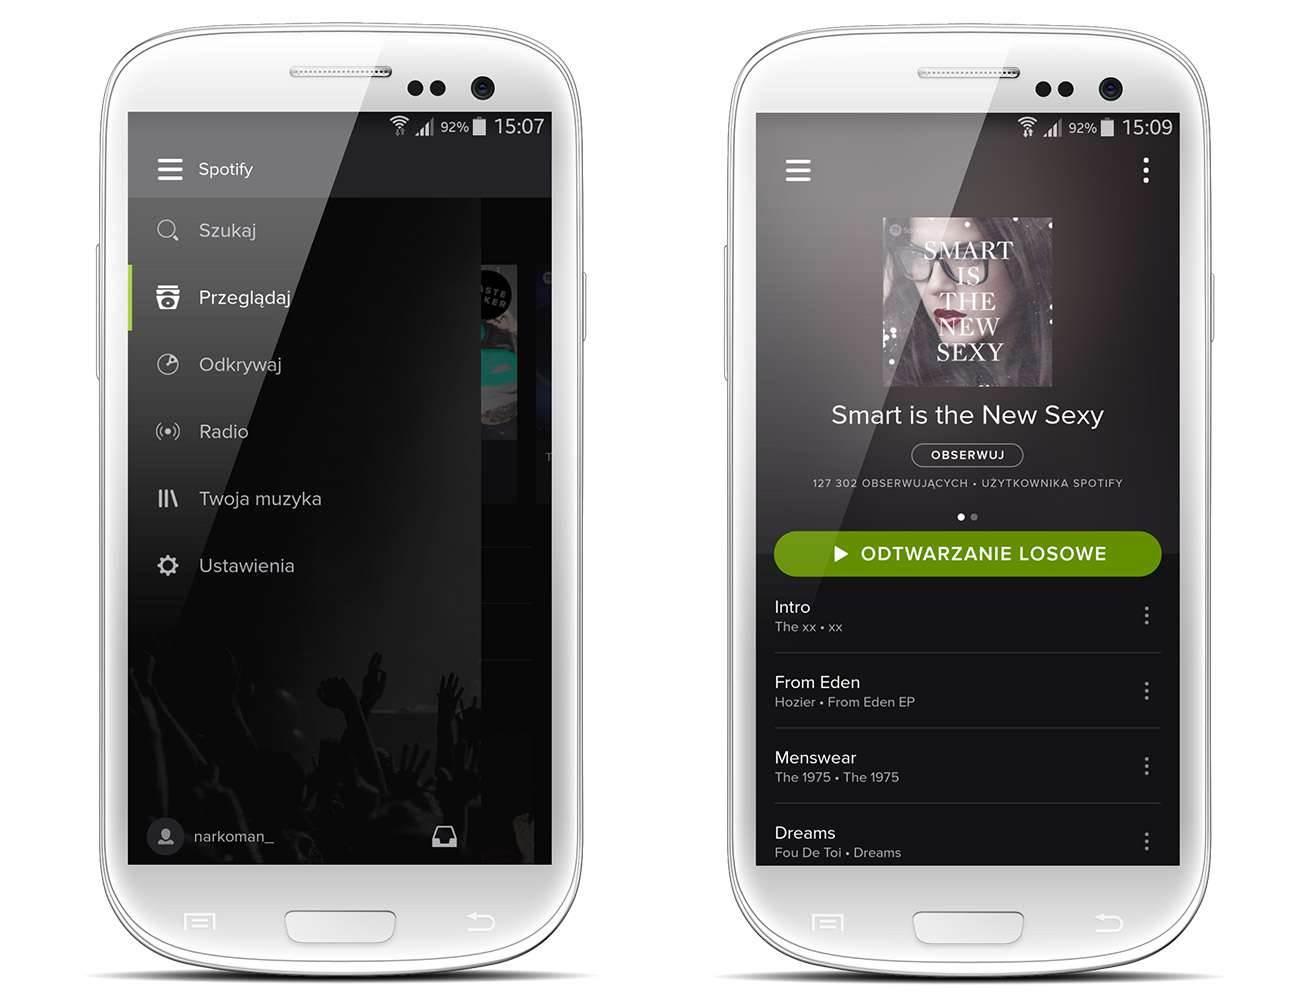 Spotify.onetech.pl